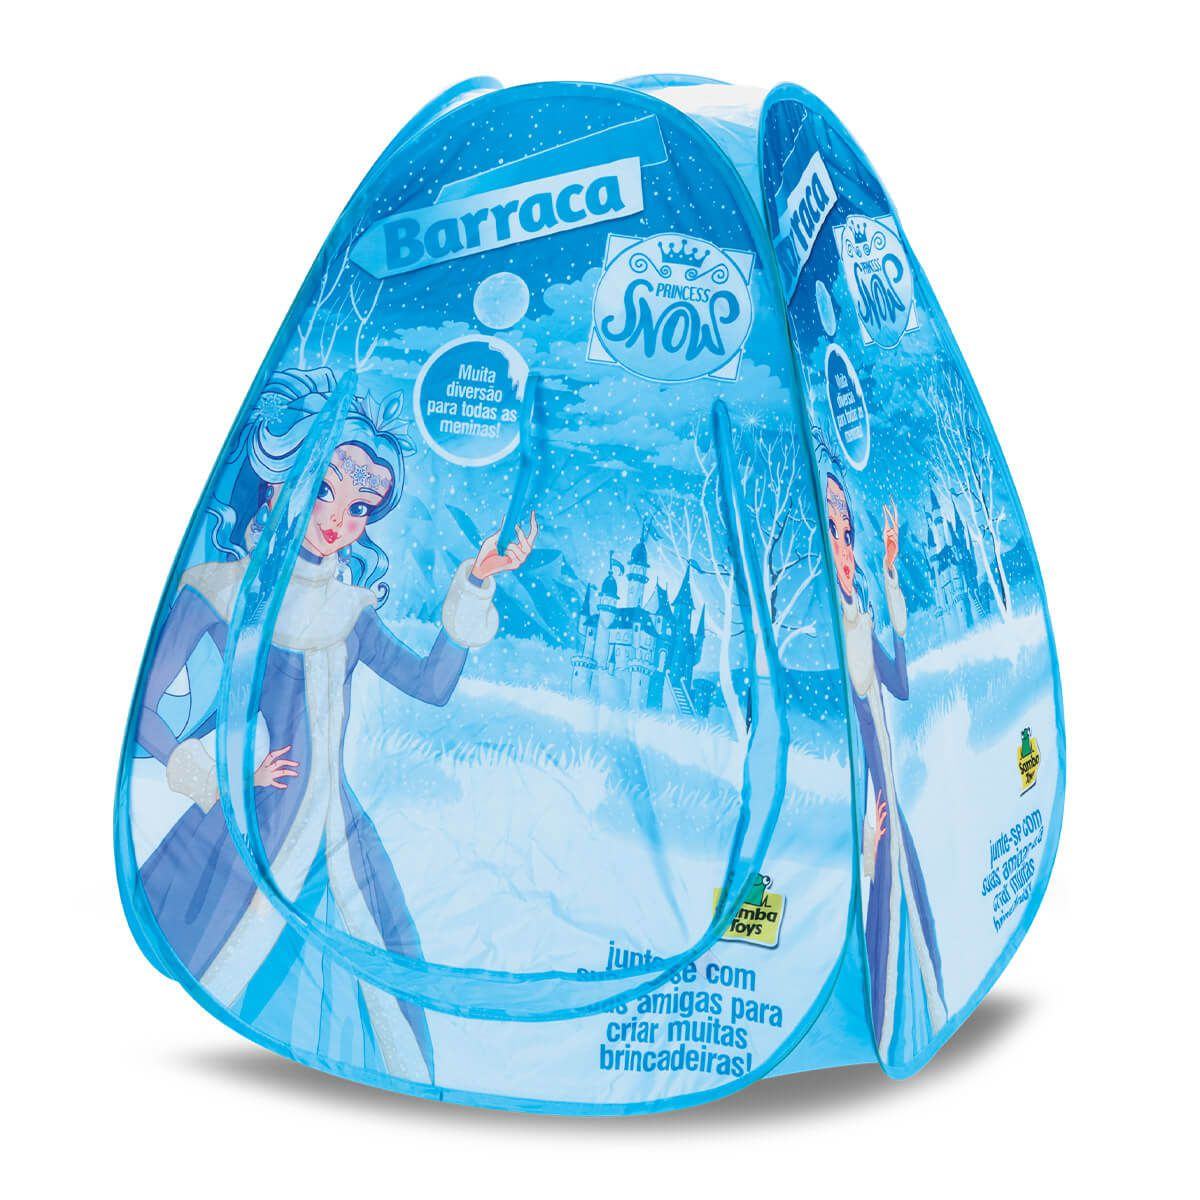 Barraca Infantil Princess Snow Com Bolinhas 5306 Samba Toys